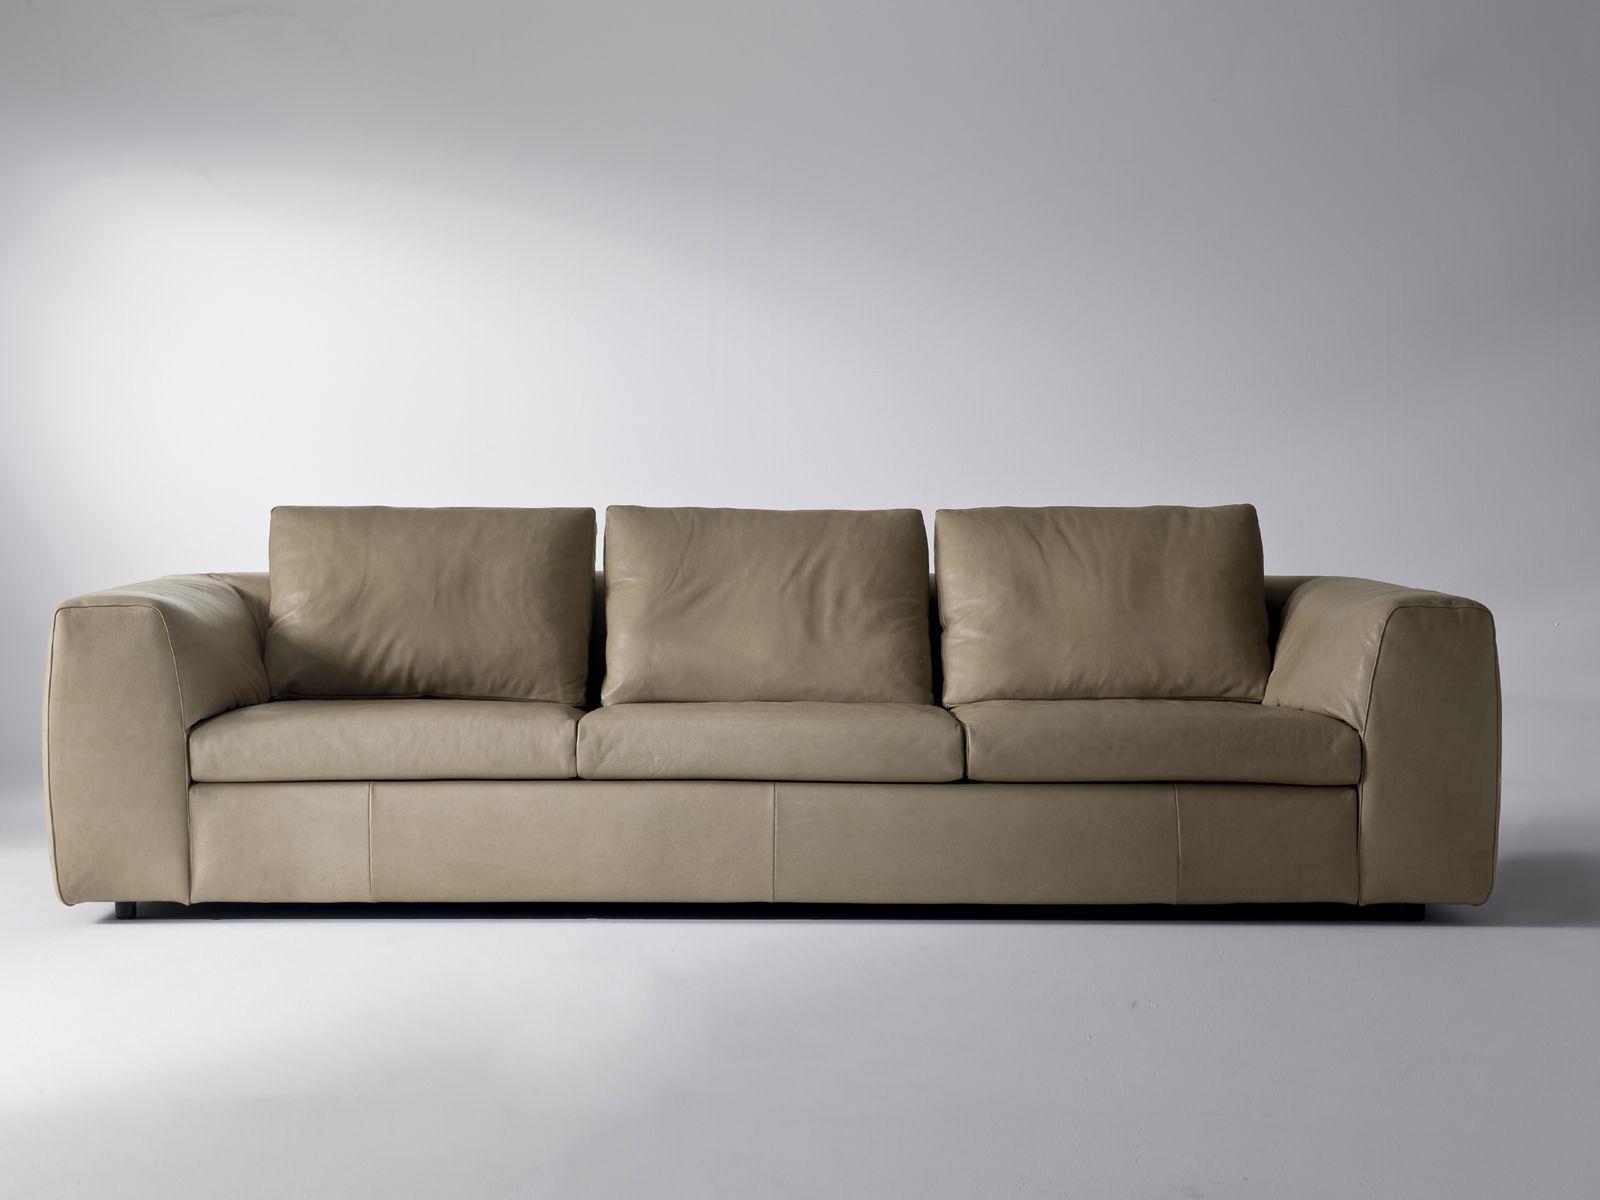 Glac 201 3 Seater Sofa By I 4 Mariani Design Mauro Lipparini